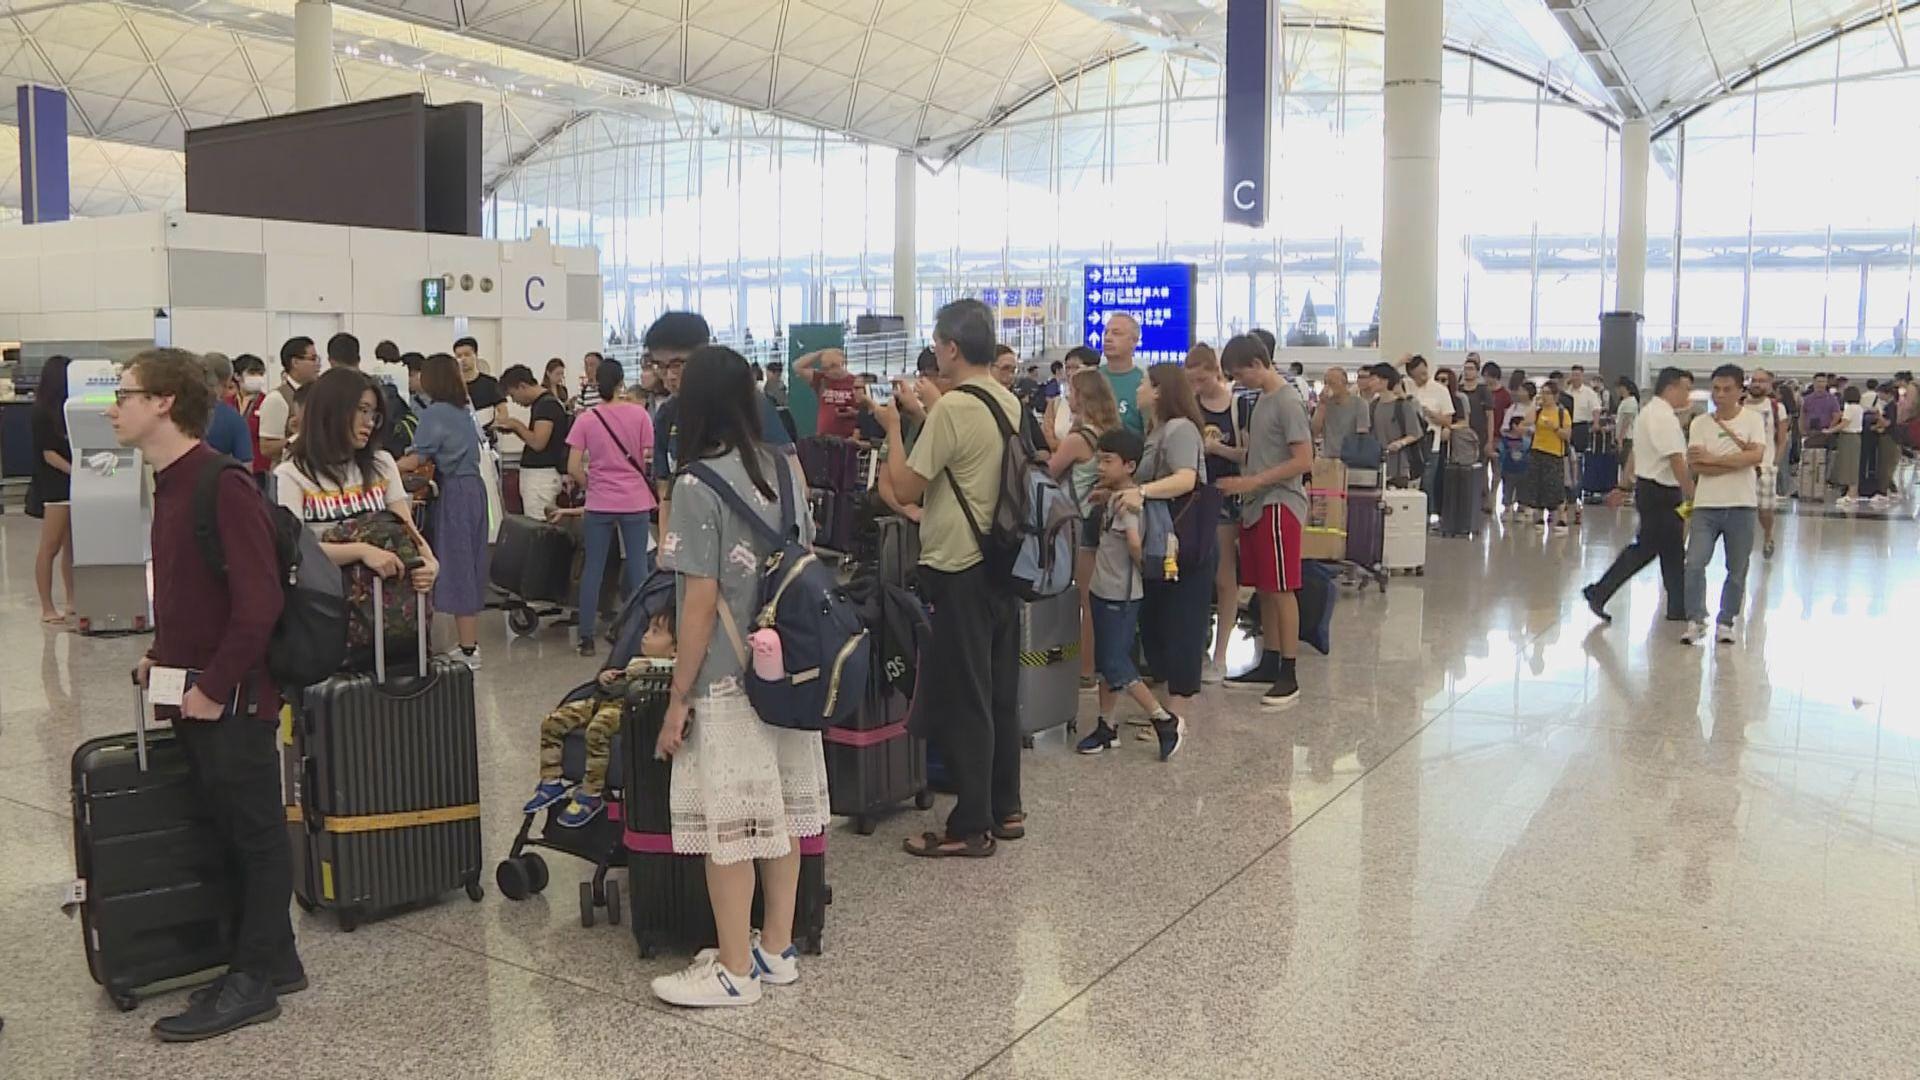 機管局取得臨時禁制令禁阻礙或干擾機場運作